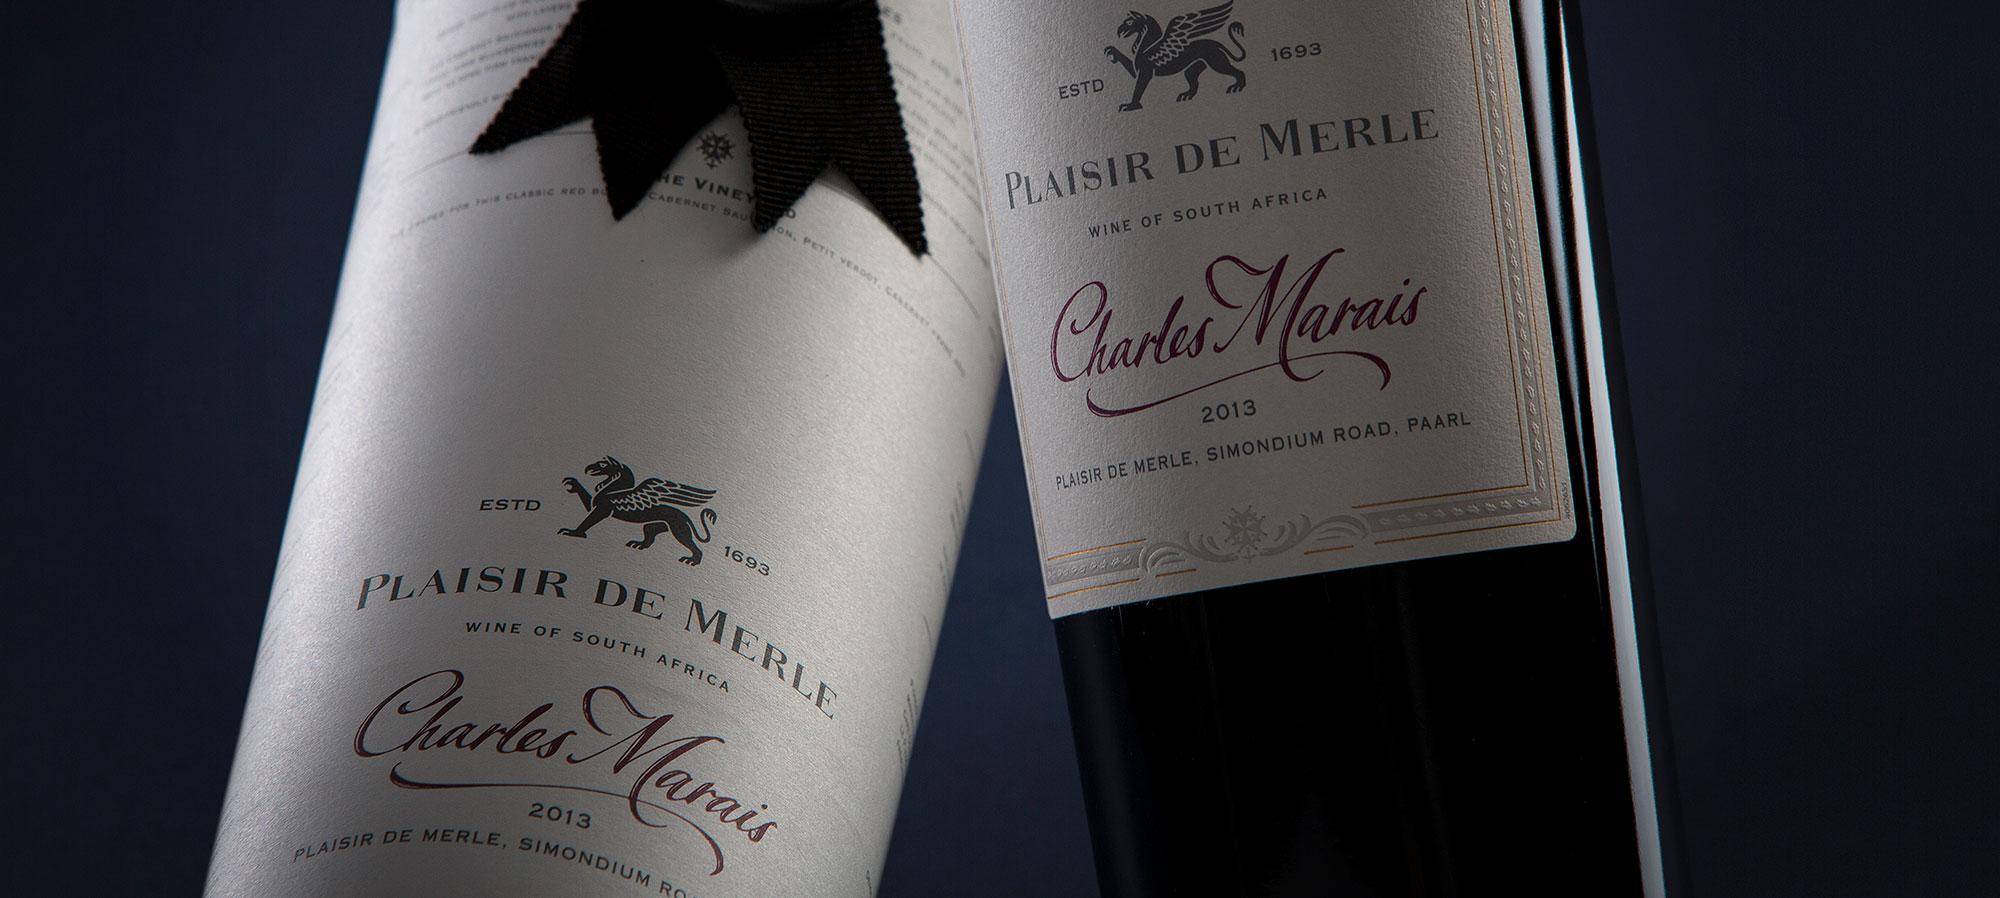 Plaisir De Merle Charles Marais